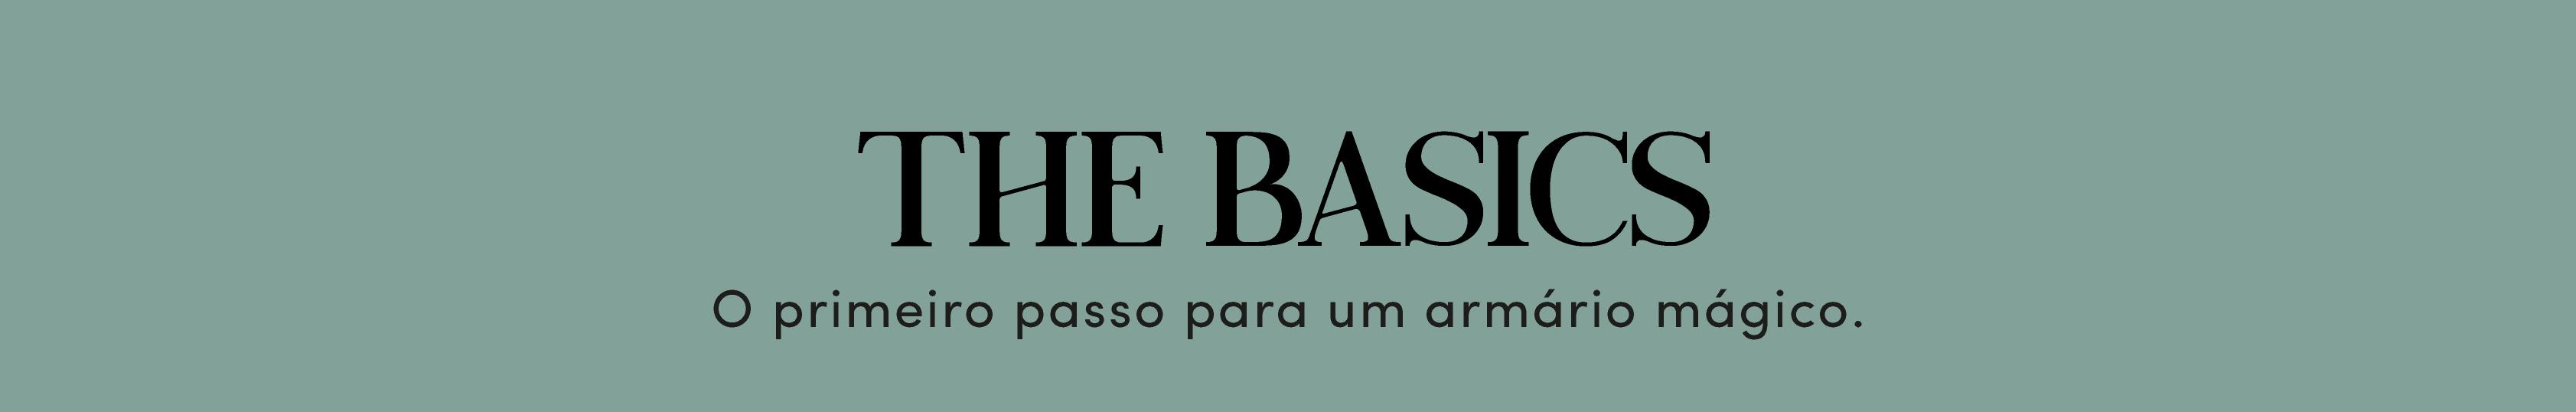 Banner The Basics